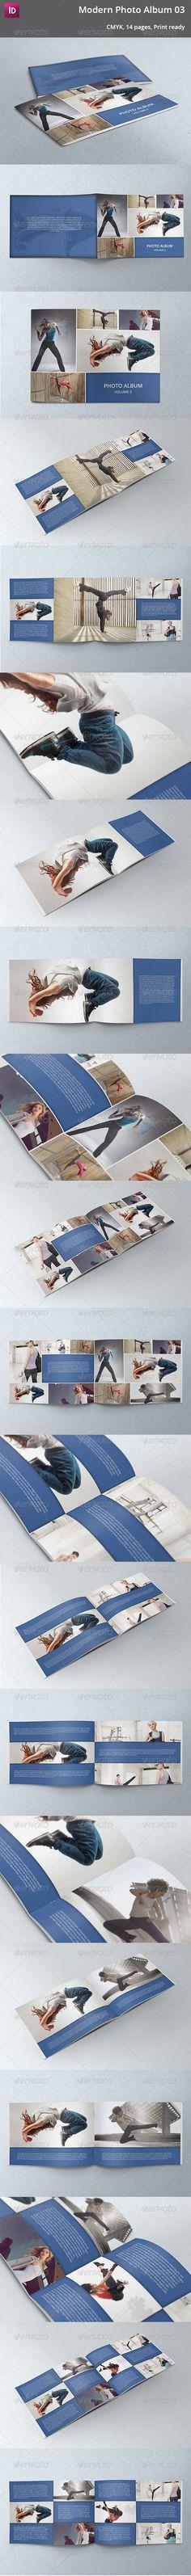 Modern Photo Album 03 - Photo Albums Print Templates